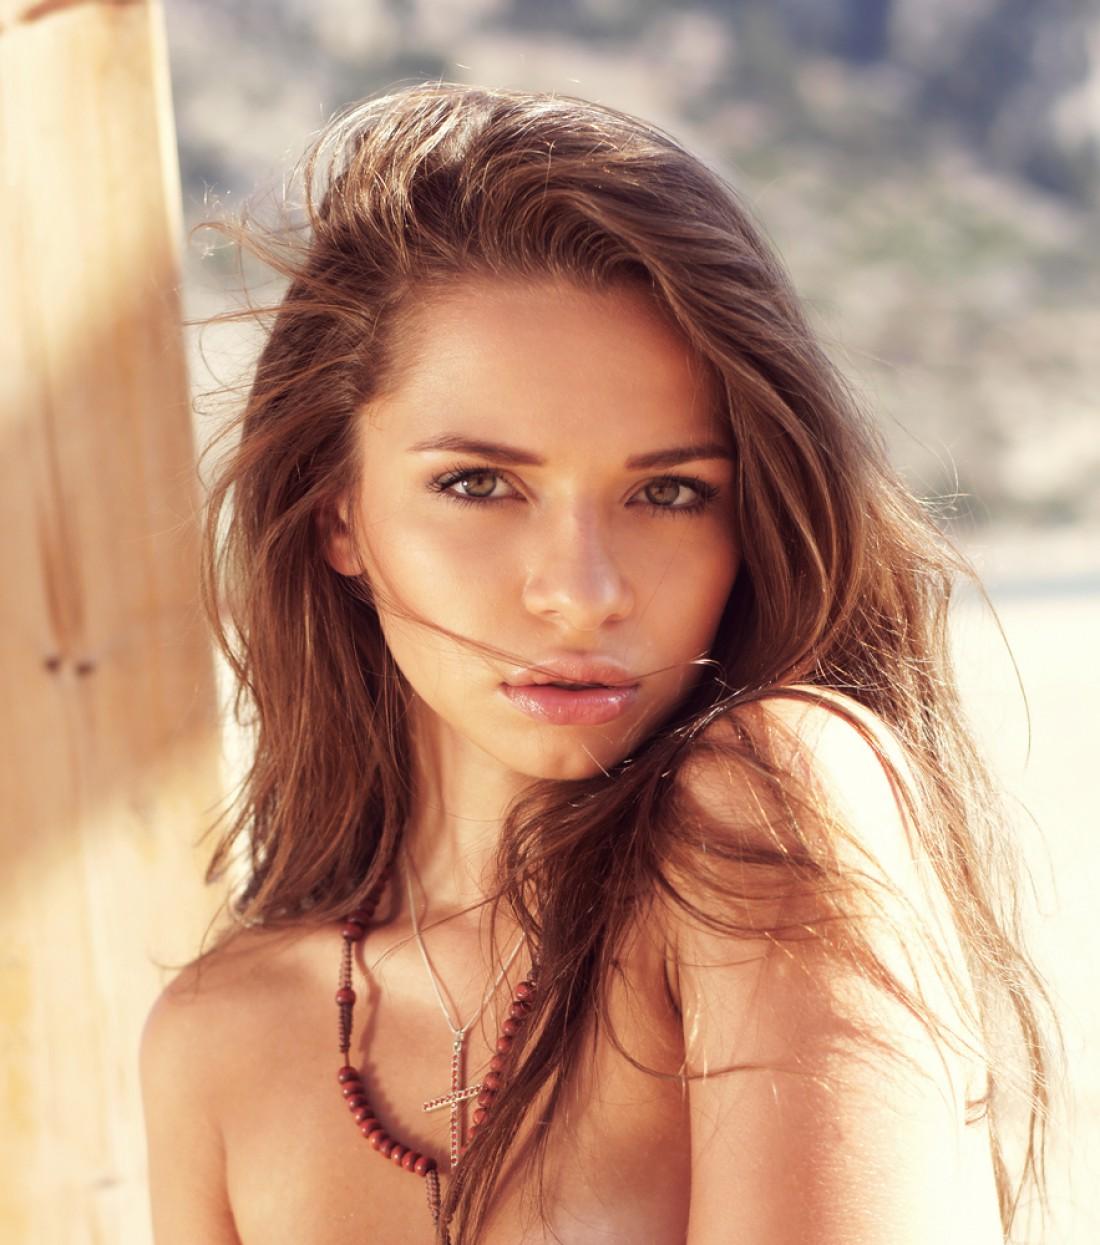 Как спасти красоту во время жары